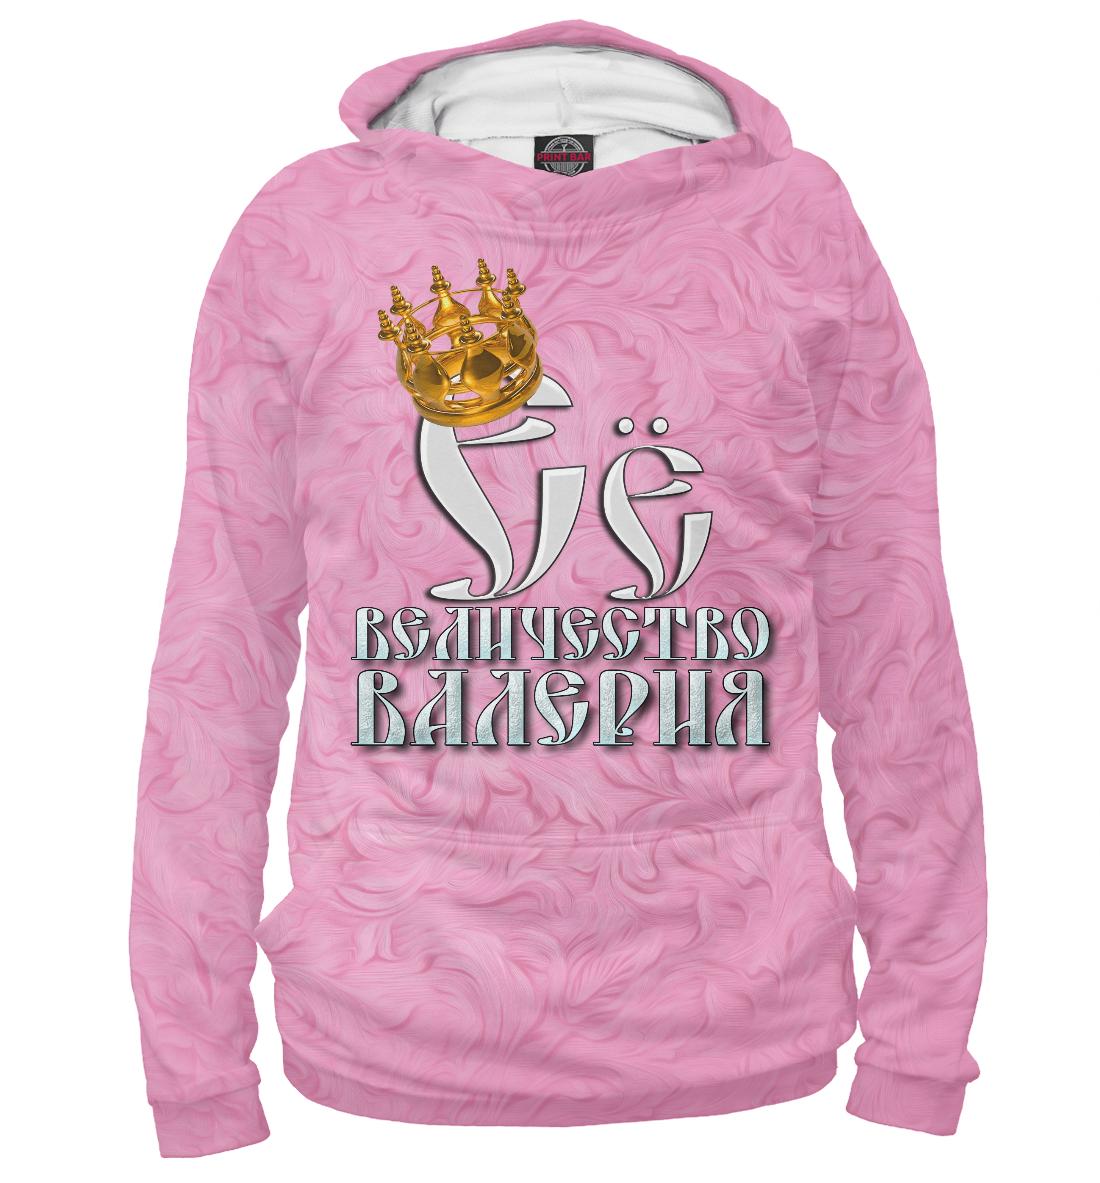 Её величество Валерия, Printbar, Худи, VAL-313464-hud  - купить со скидкой